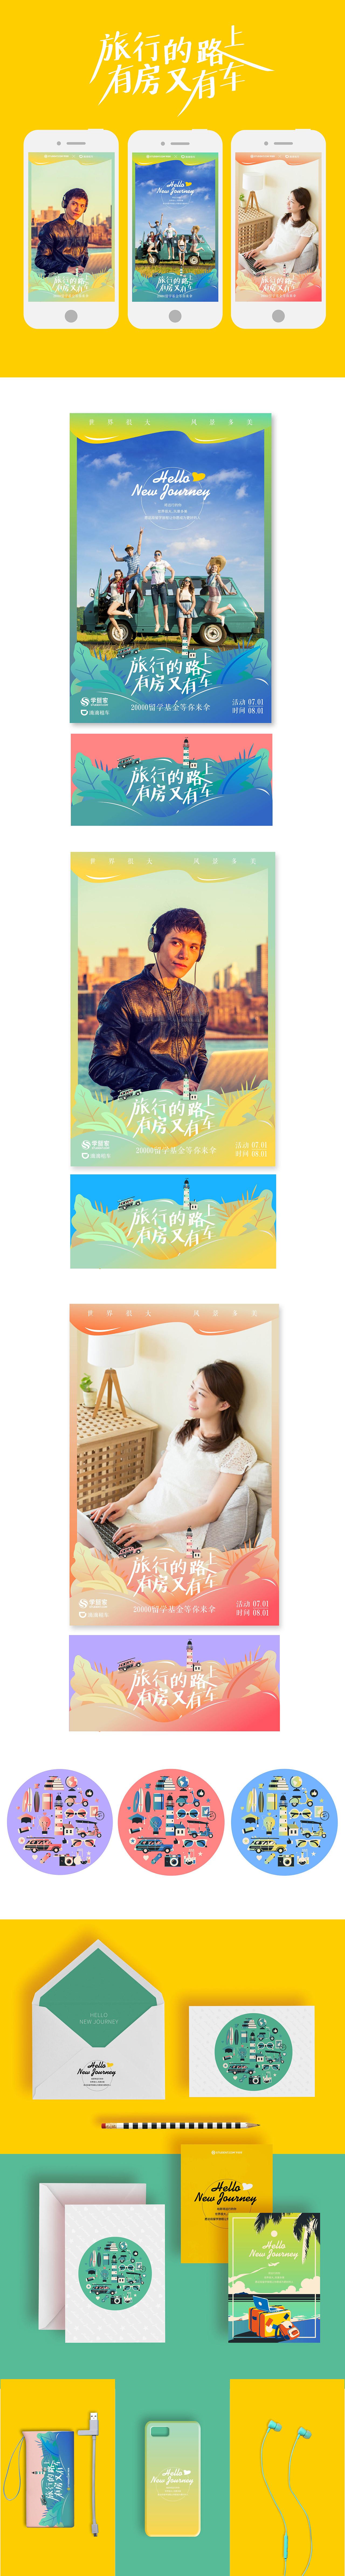 学旅家|平面|品牌|smdaoli - 原创作品 - 站酷 (zcool)